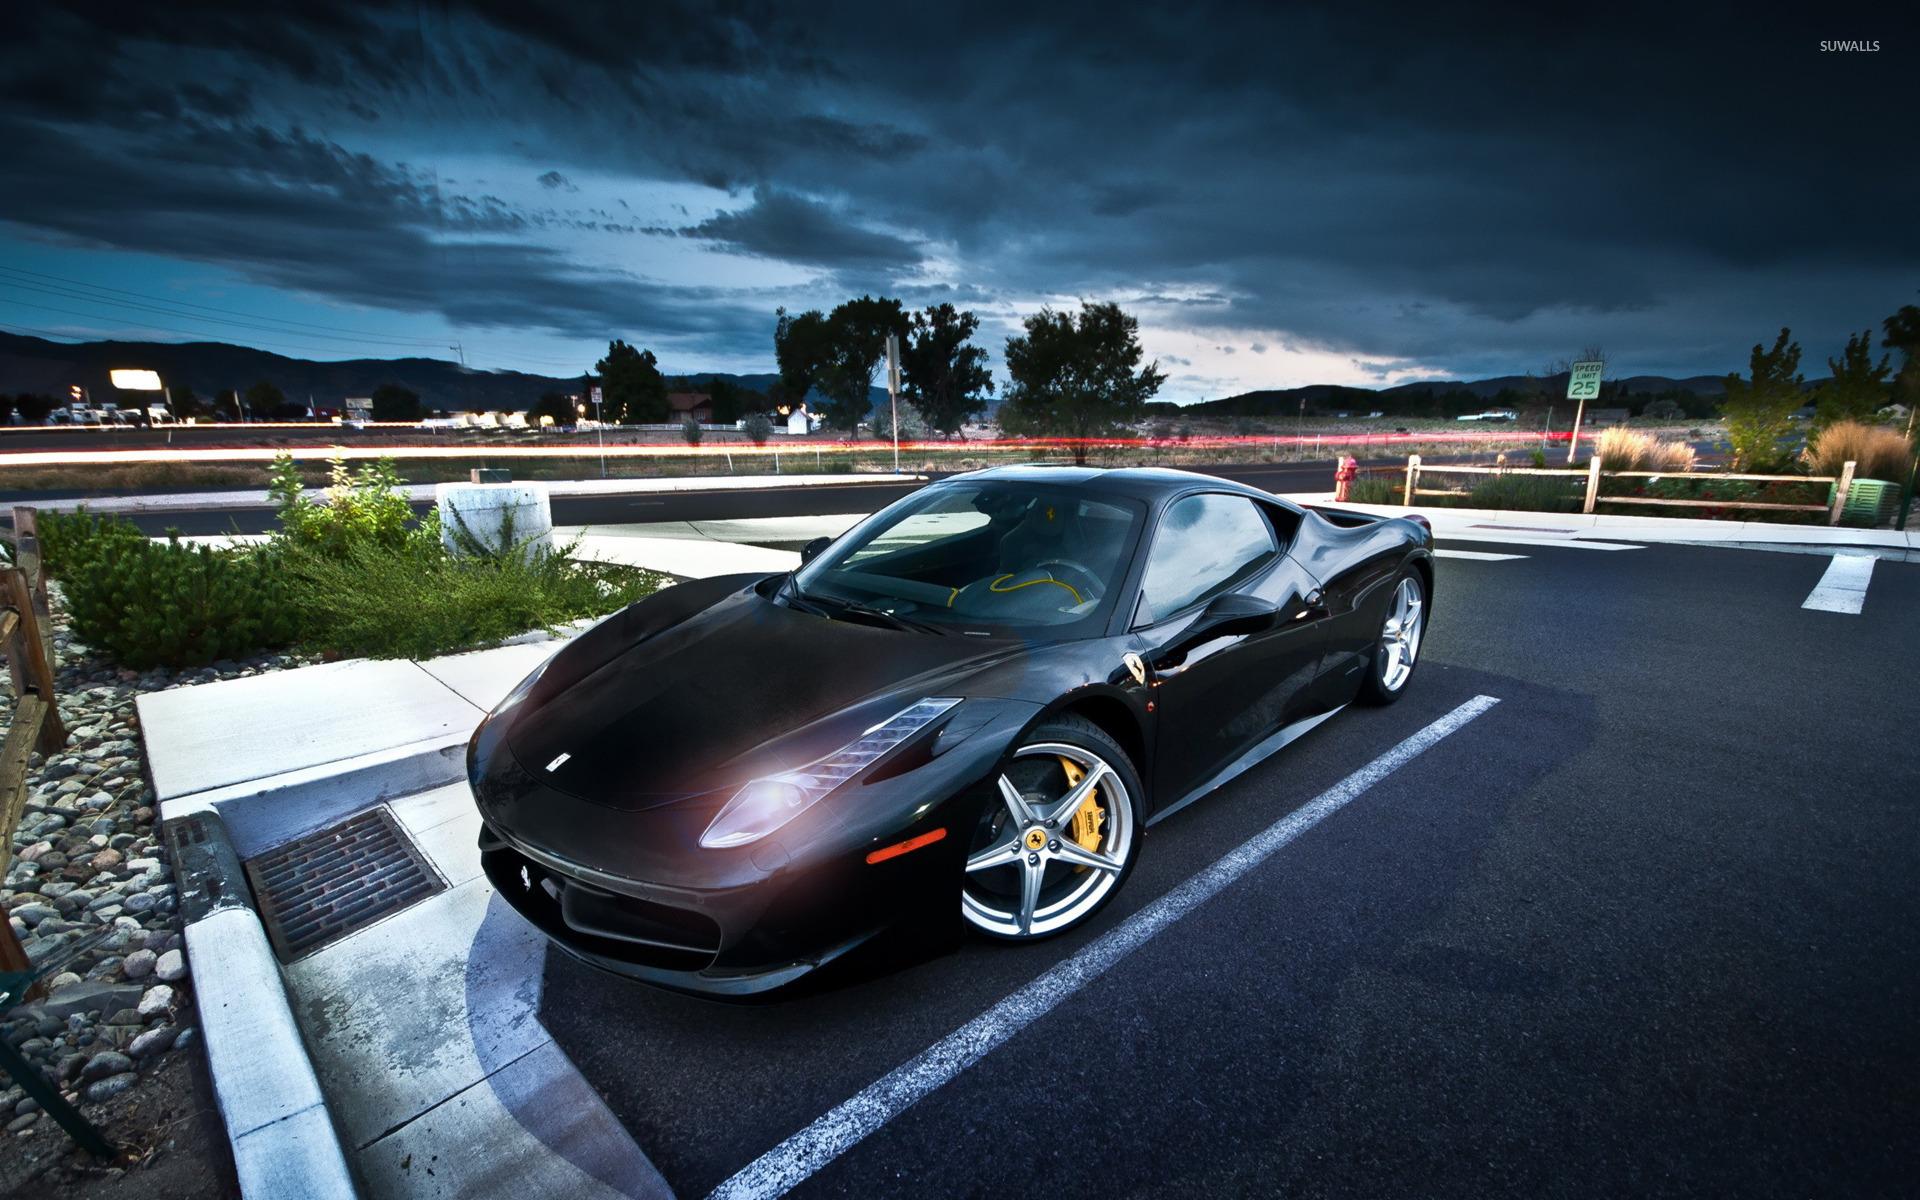 ferrari 458 italia 8 wallpaper - Wheelsandmore Ferrari 458 Italia